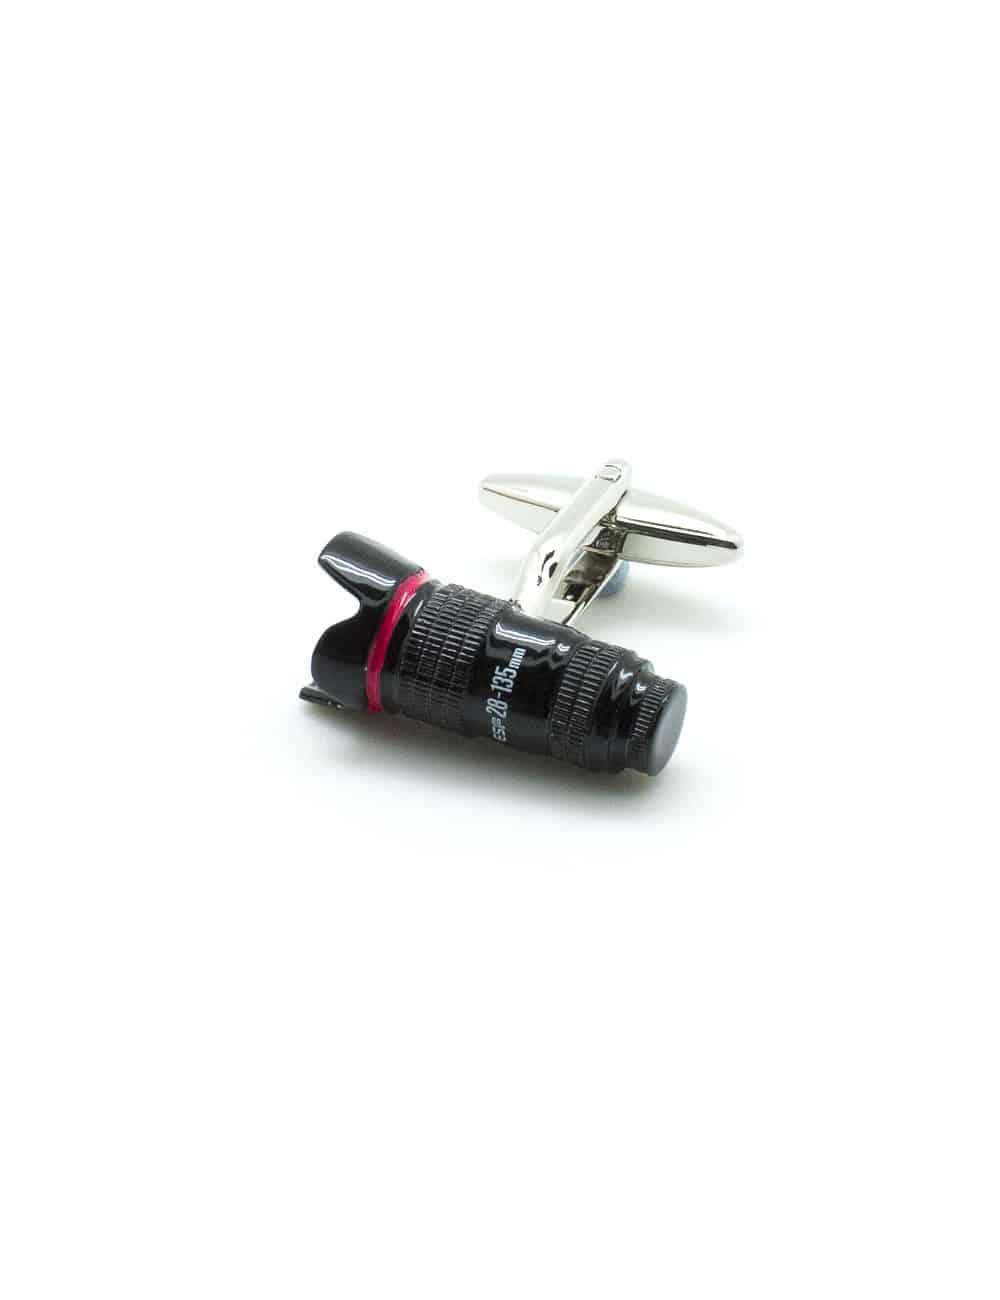 DSLR Lens Cufflink 0109-002